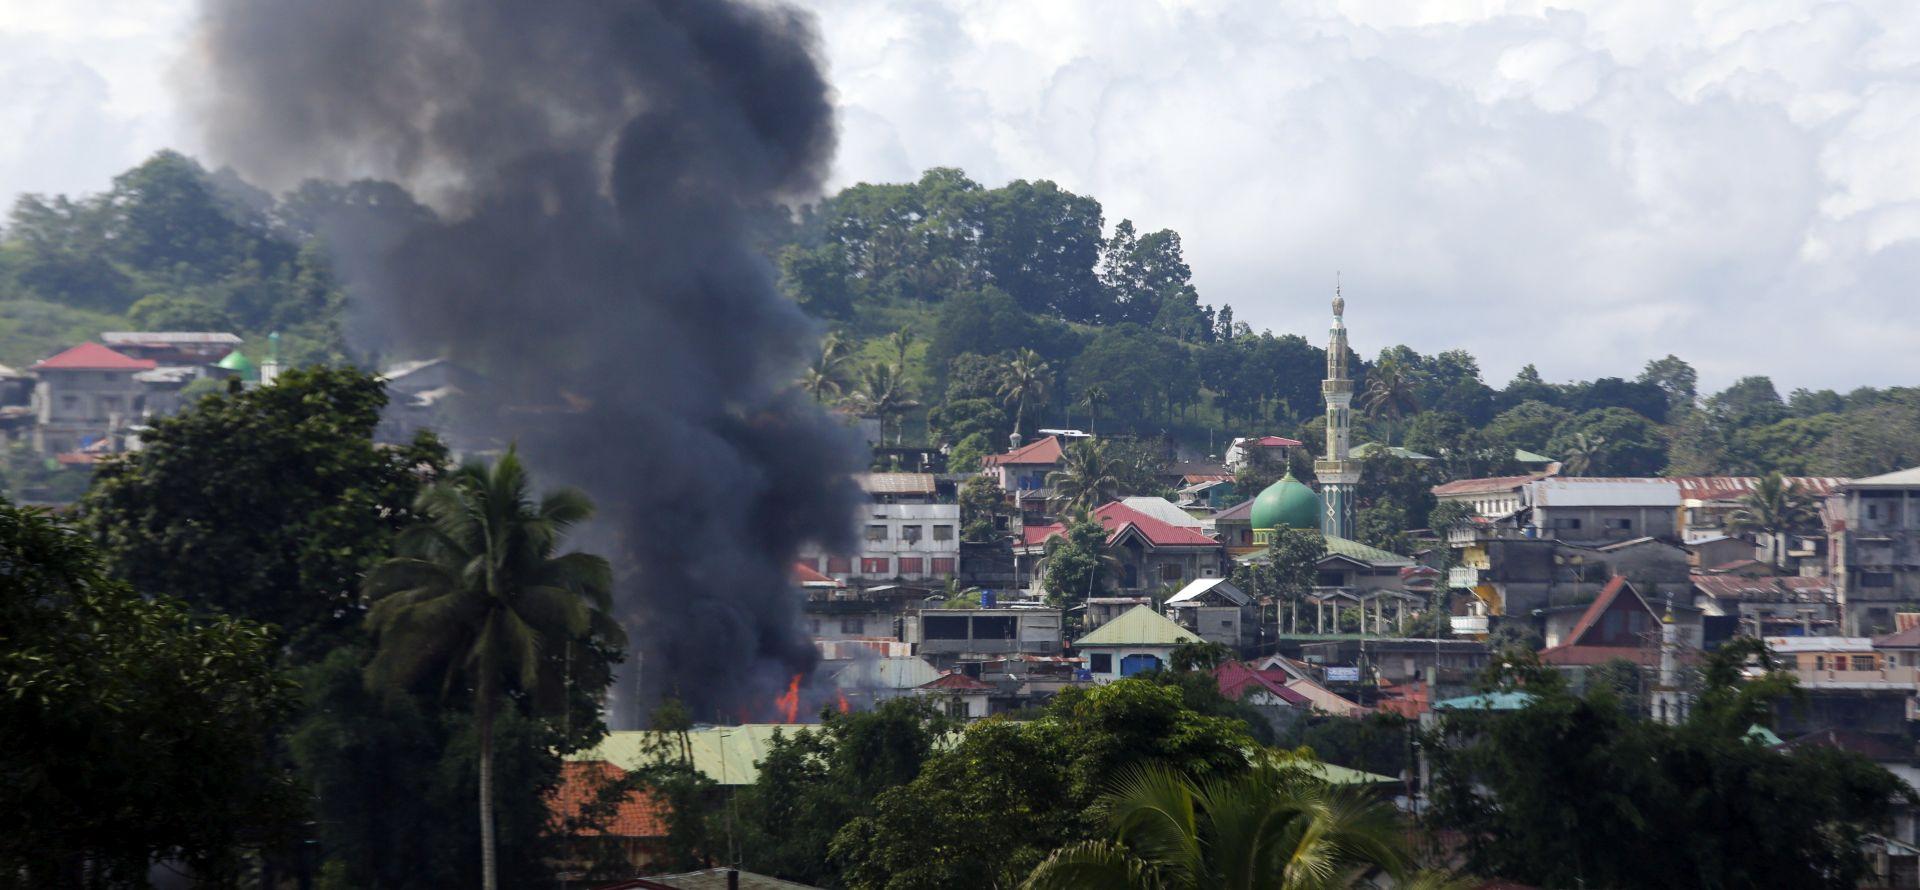 'PRIJATELJSKA VATRA' U zračnom napadu filipinske vojske ubijeno deset filipinskih vojnika